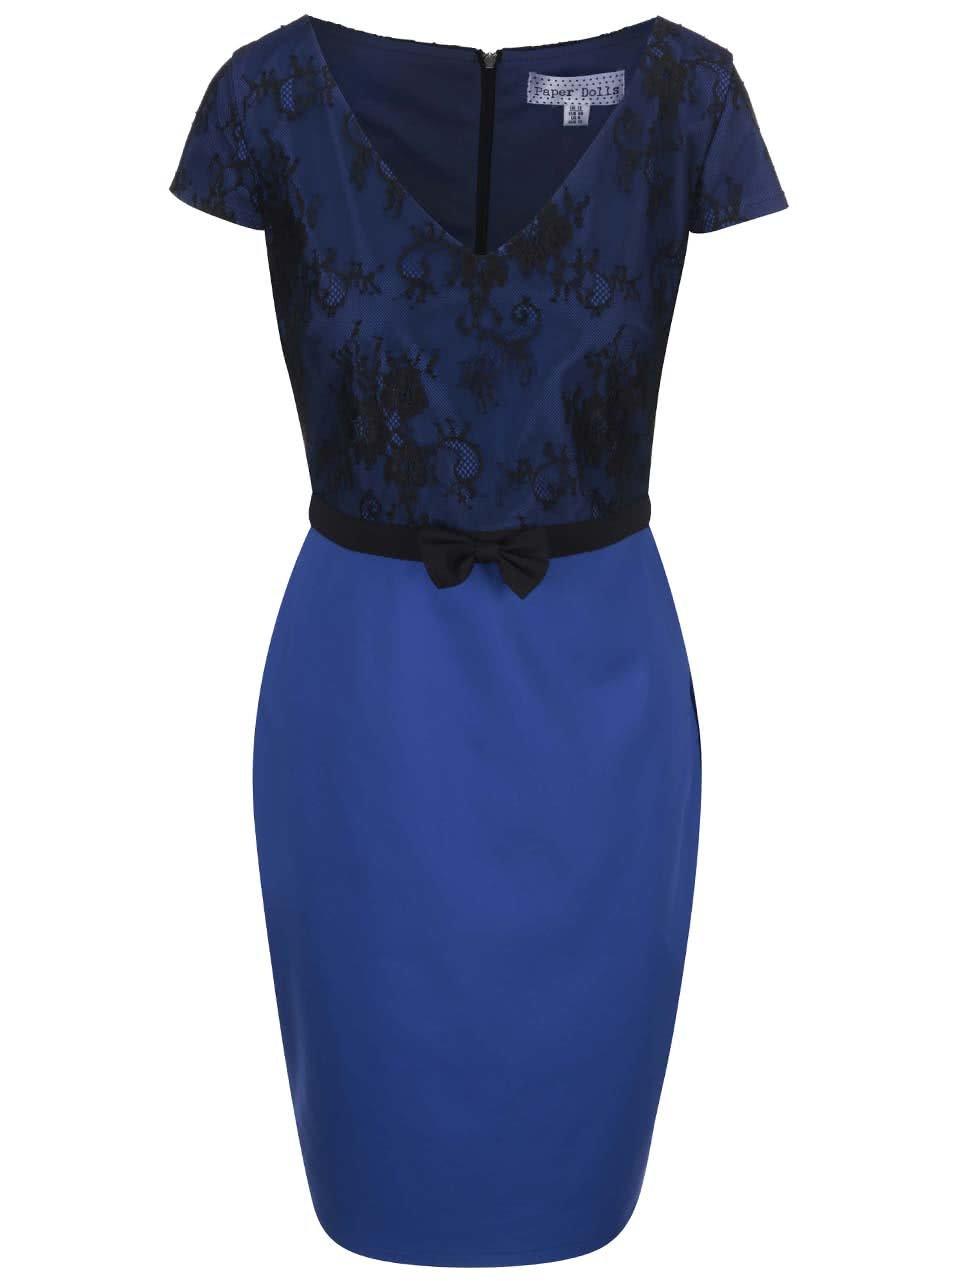 2aad1474fc43 Modré šaty čiernou čipkou paper dolls jpg 954x1281 čipkou modre saty